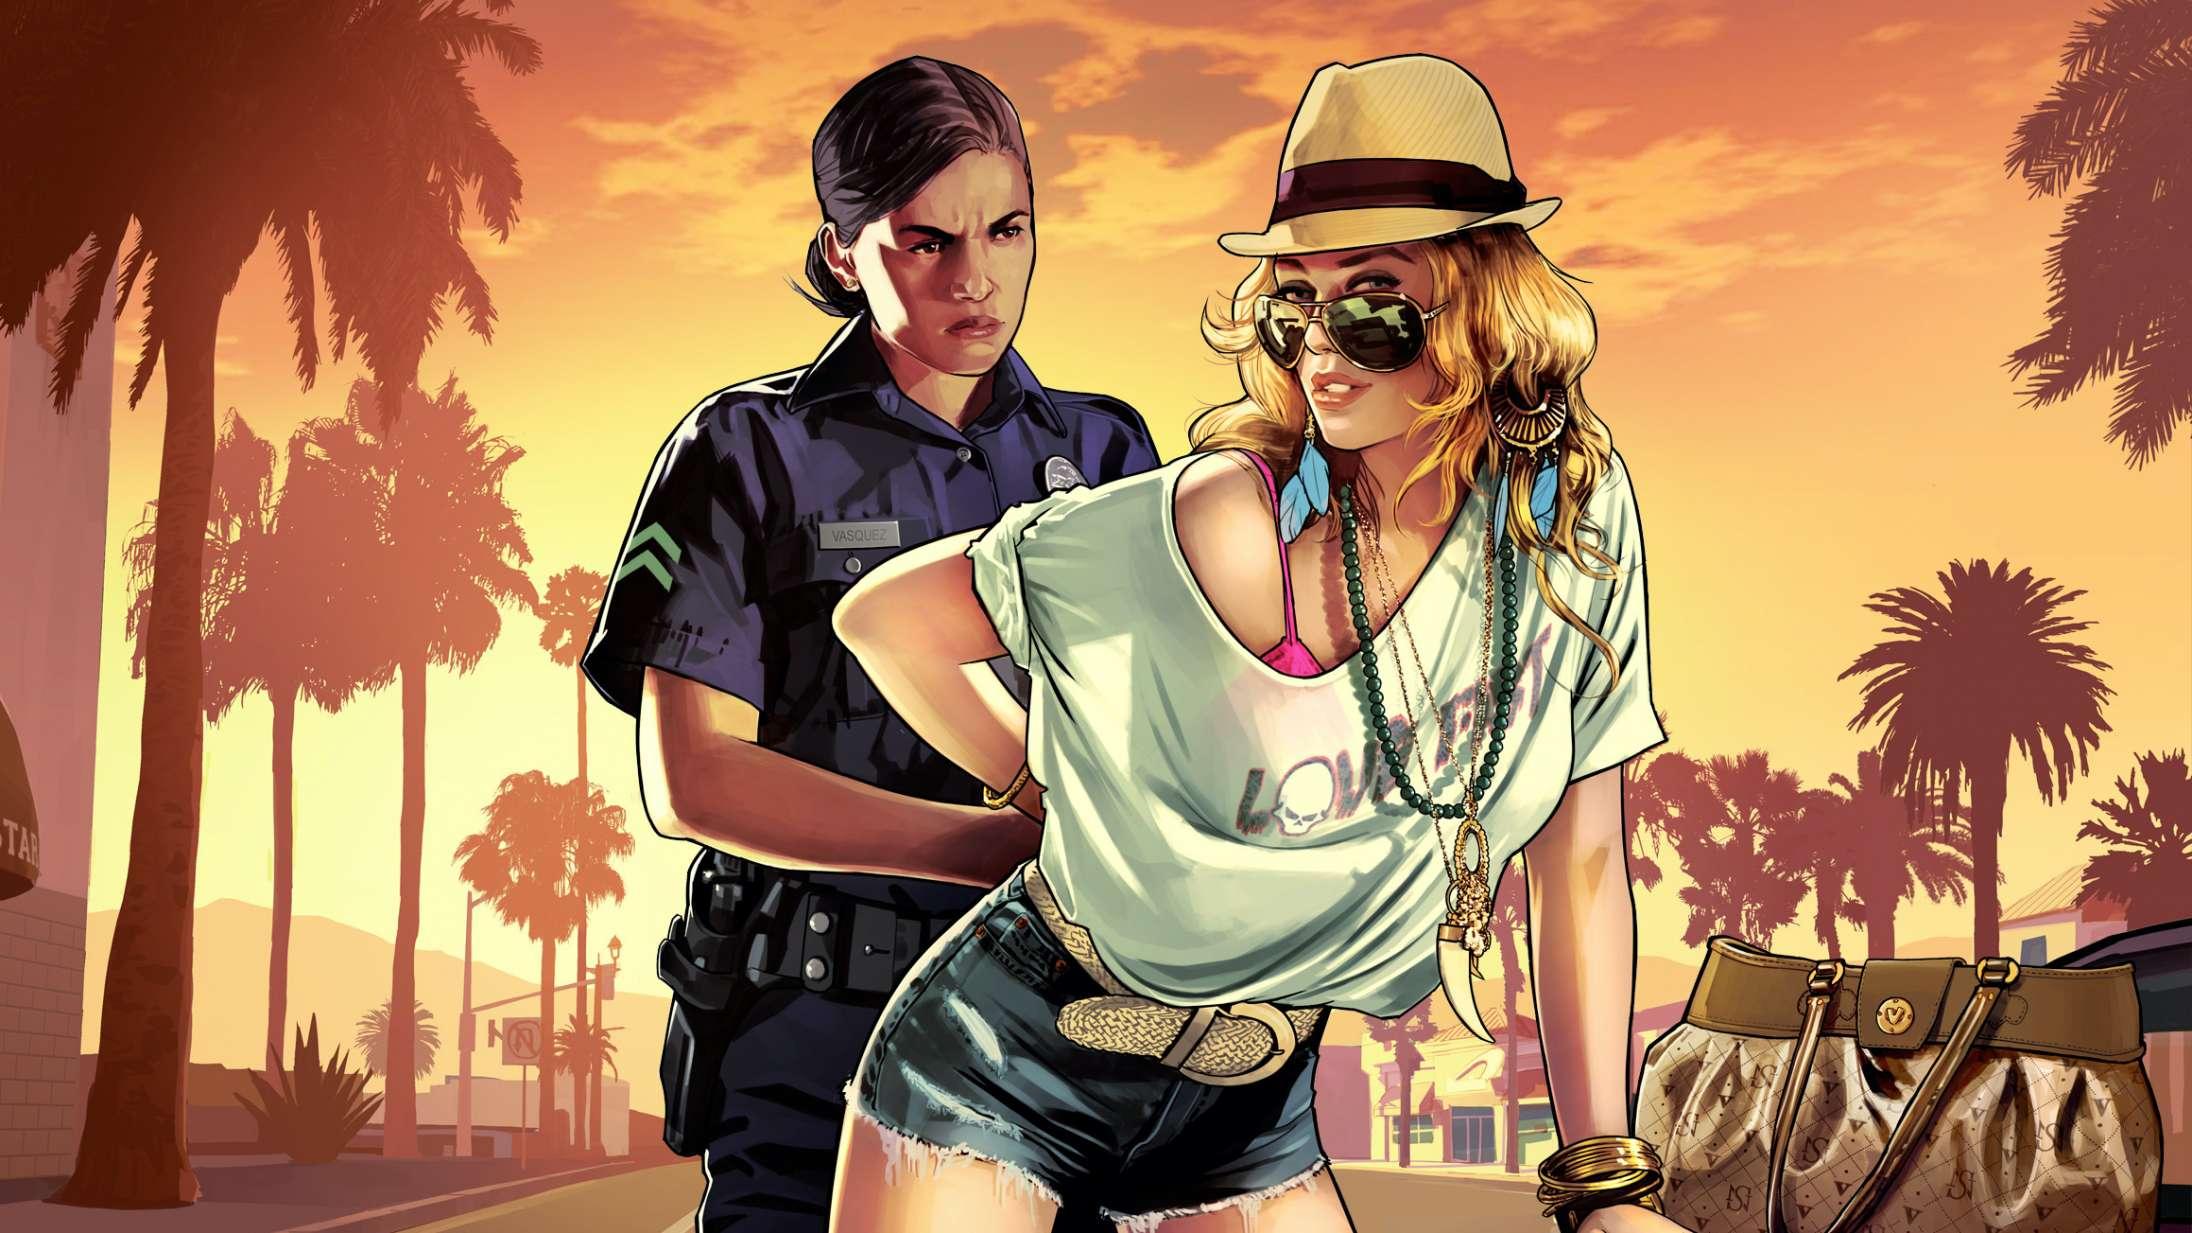 Fem ikoniske øjeblikke der gjorde 'Grand Theft Auto V' til et uundgåeligt mesterværk